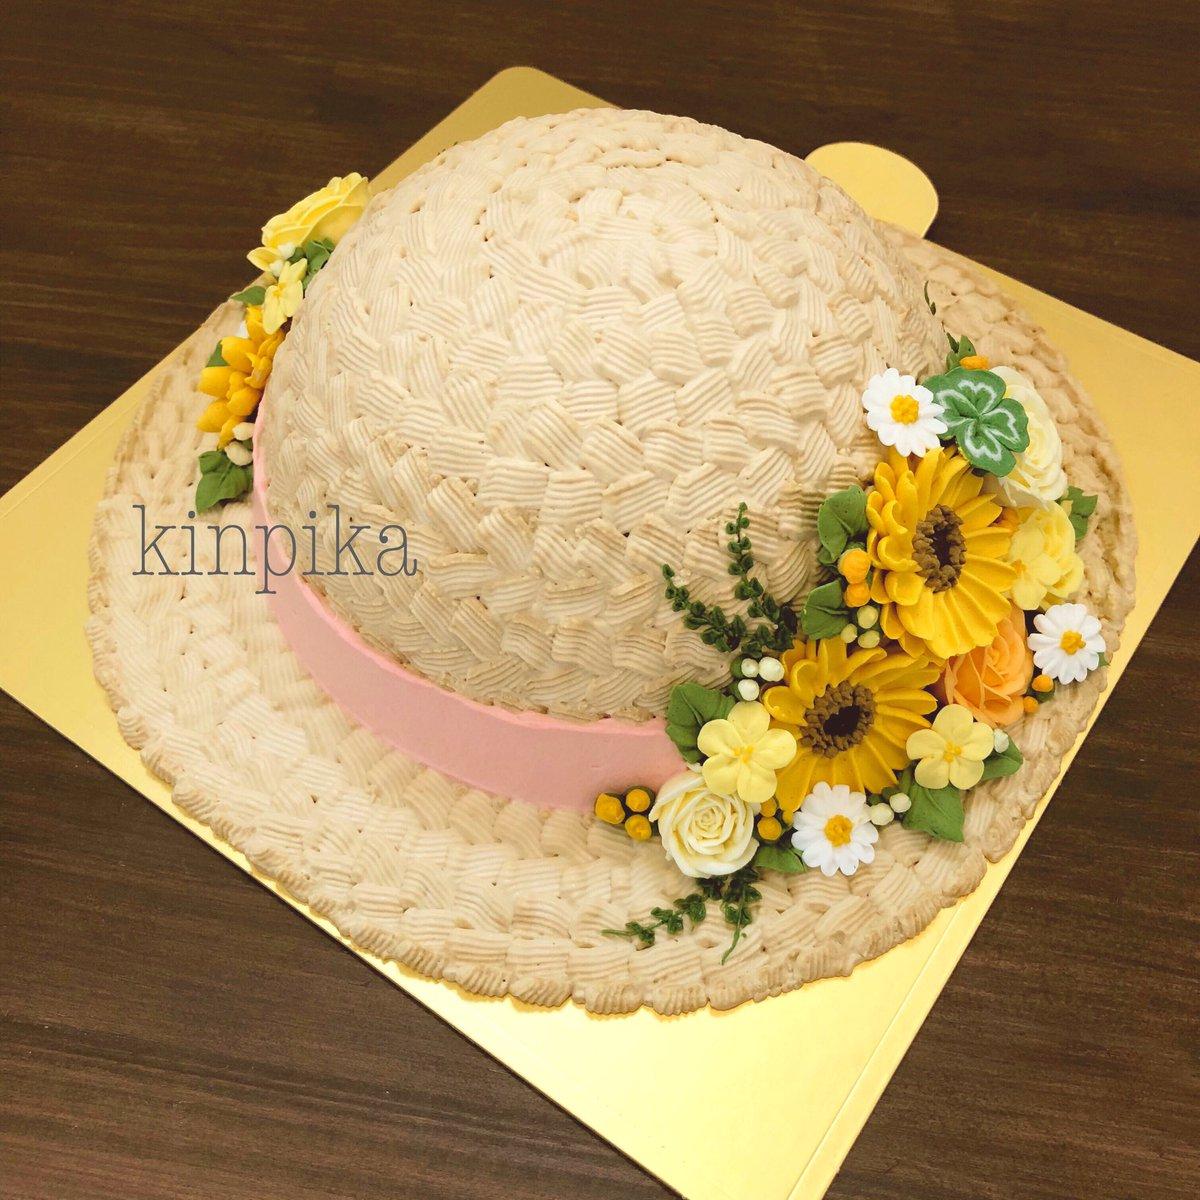 また雨☔️雨も吹き飛ぶようなケーキをお届け。